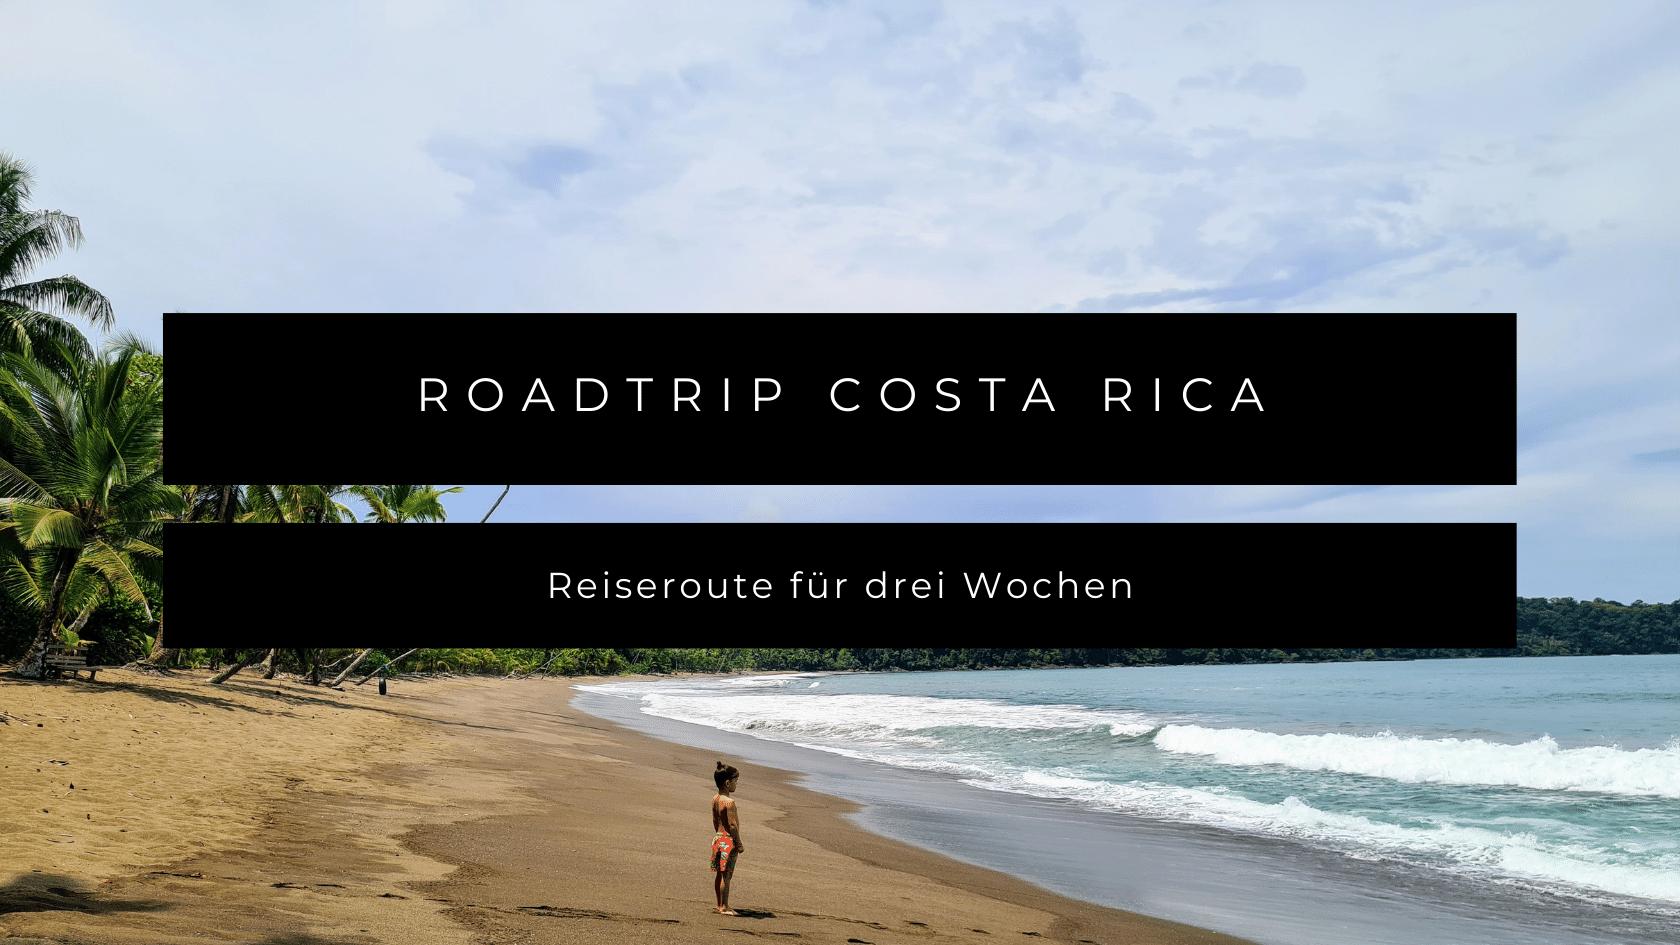 Roadtrip Costa Rica mit Kleinkind und Kind: Reiseroute für drei Wochen